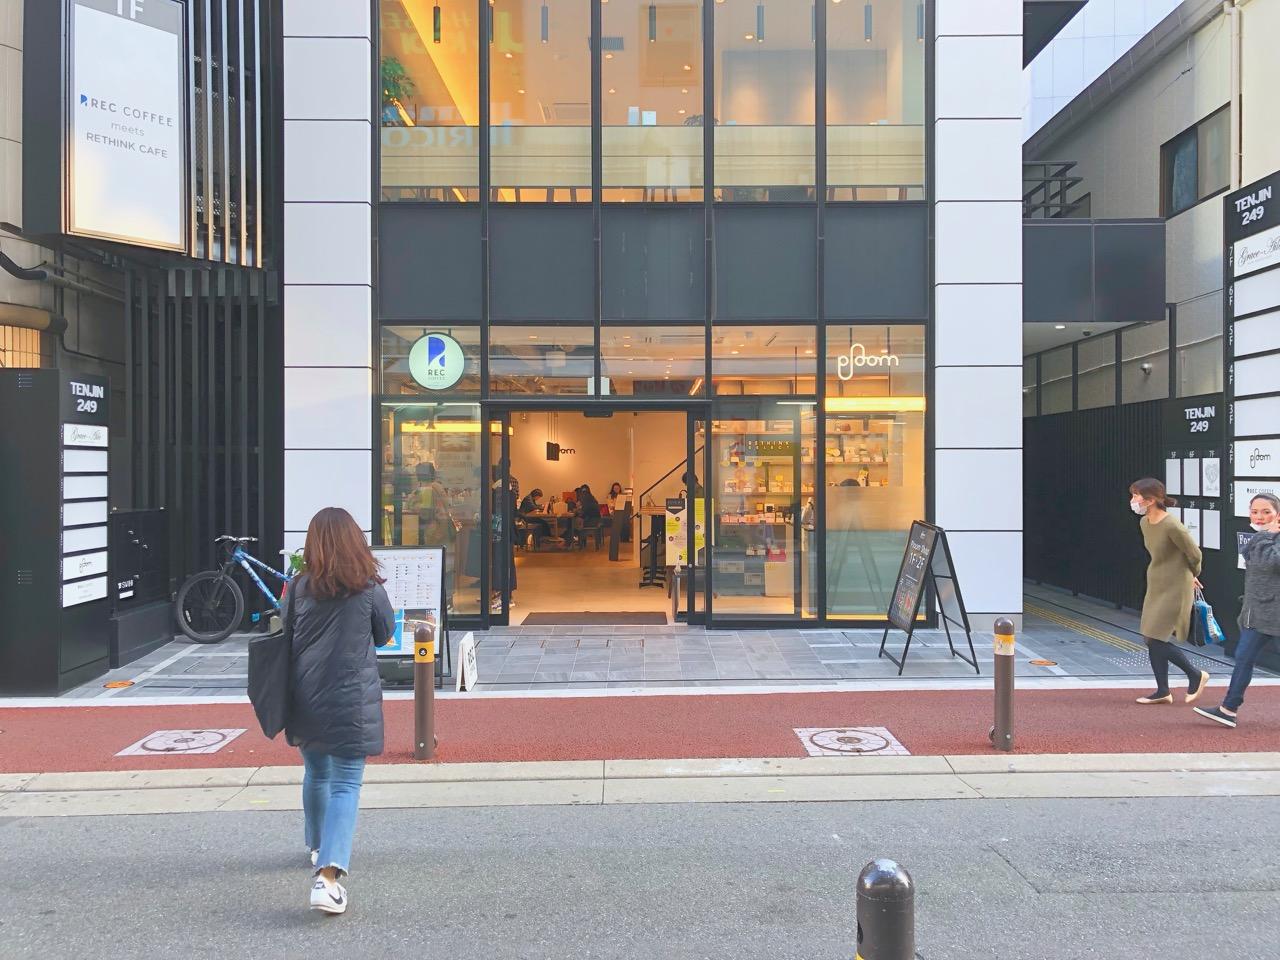 福岡天神の中心にあるコンセントが使用できるカフェ。「REC COFFEE」